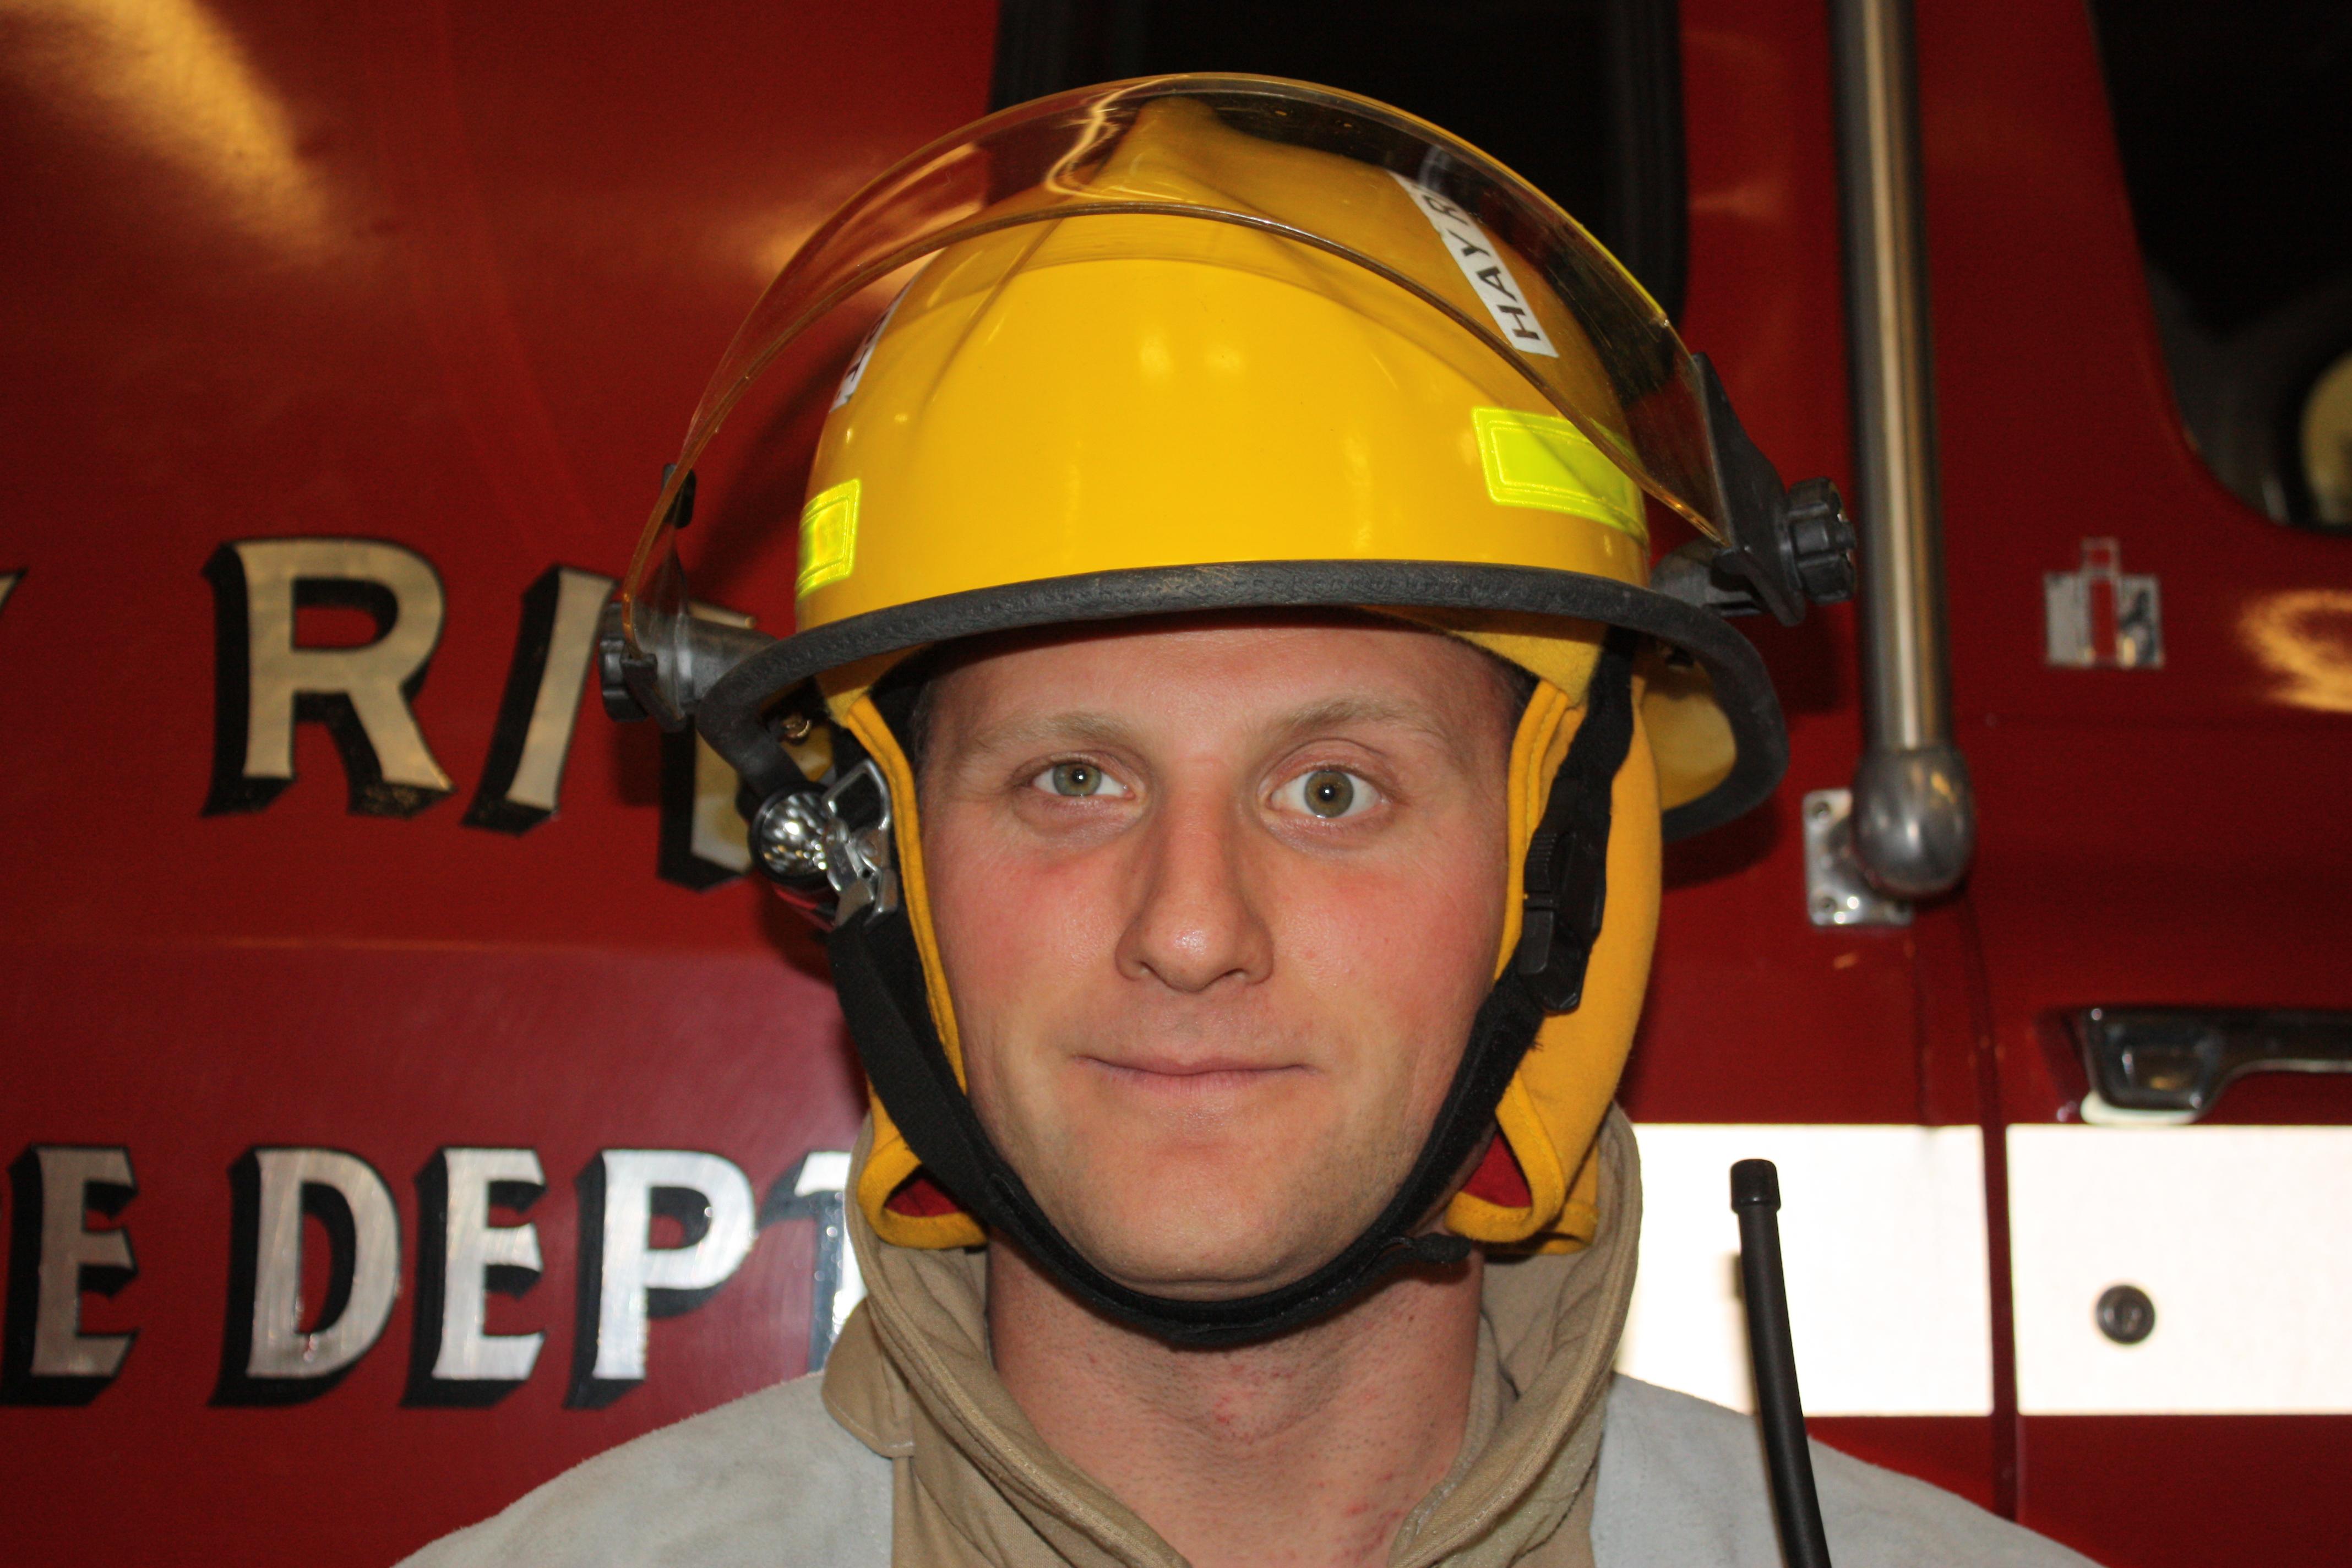 Firefighter #23